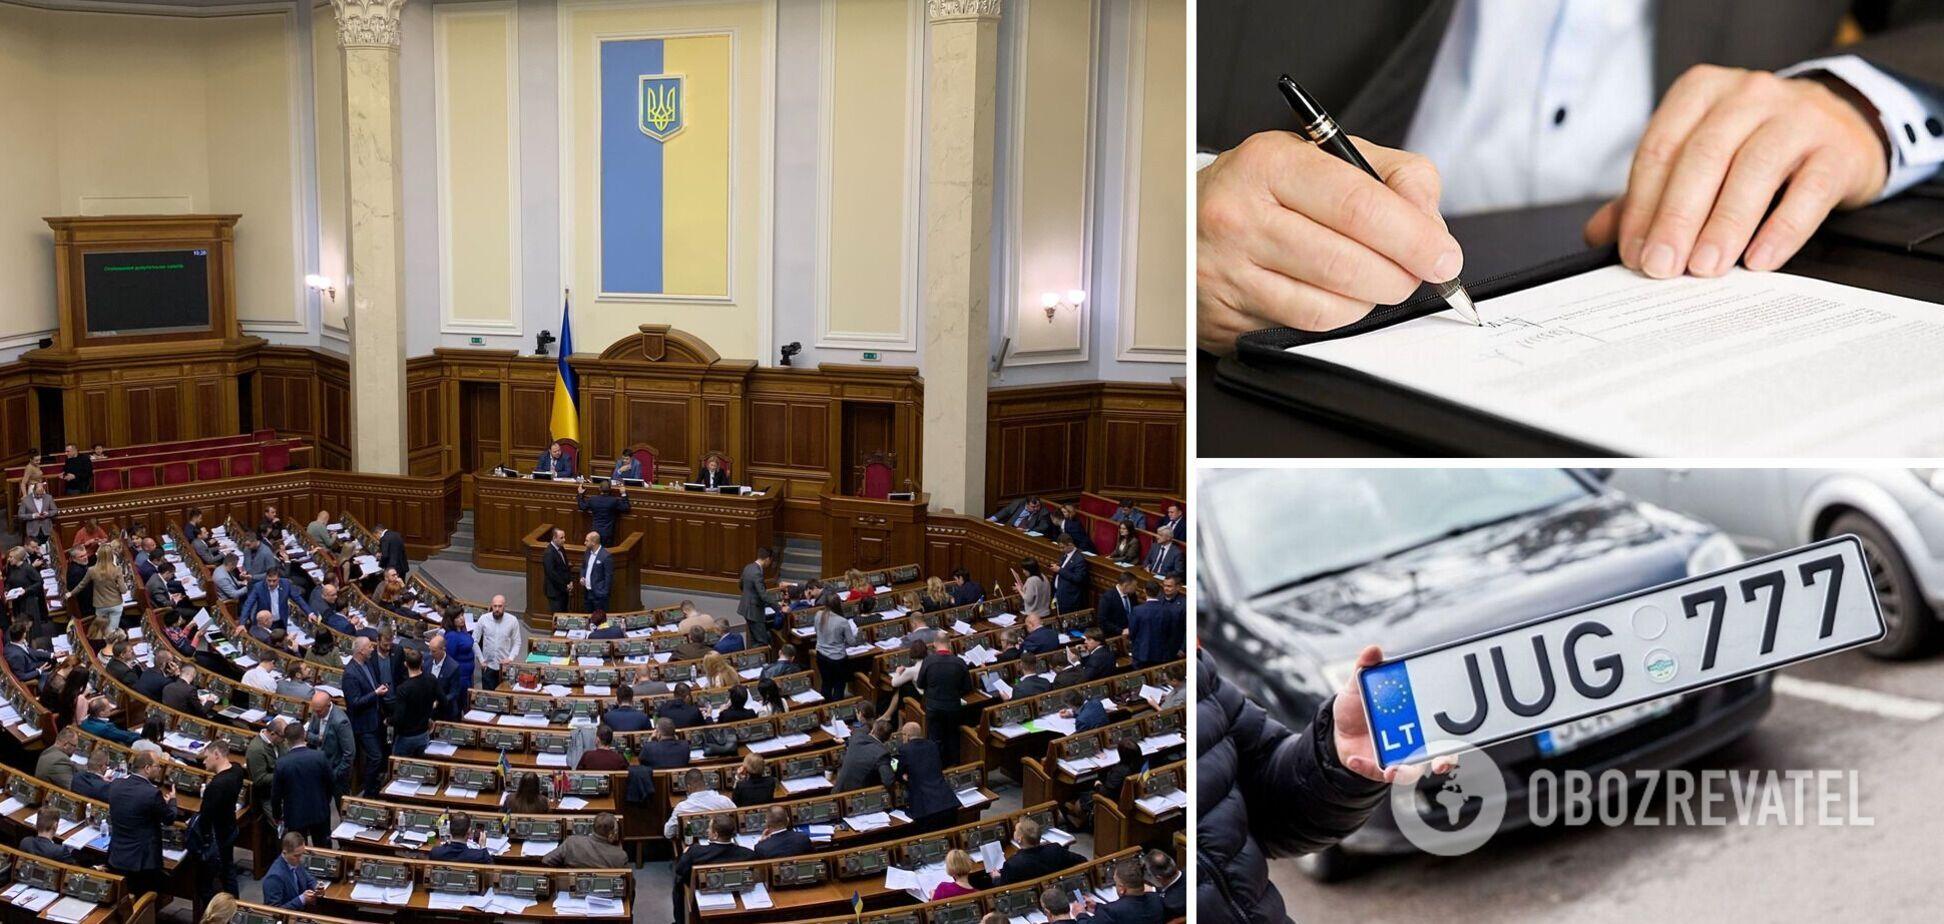 Євробляхи в Україні будуть розмитнювати по-новому